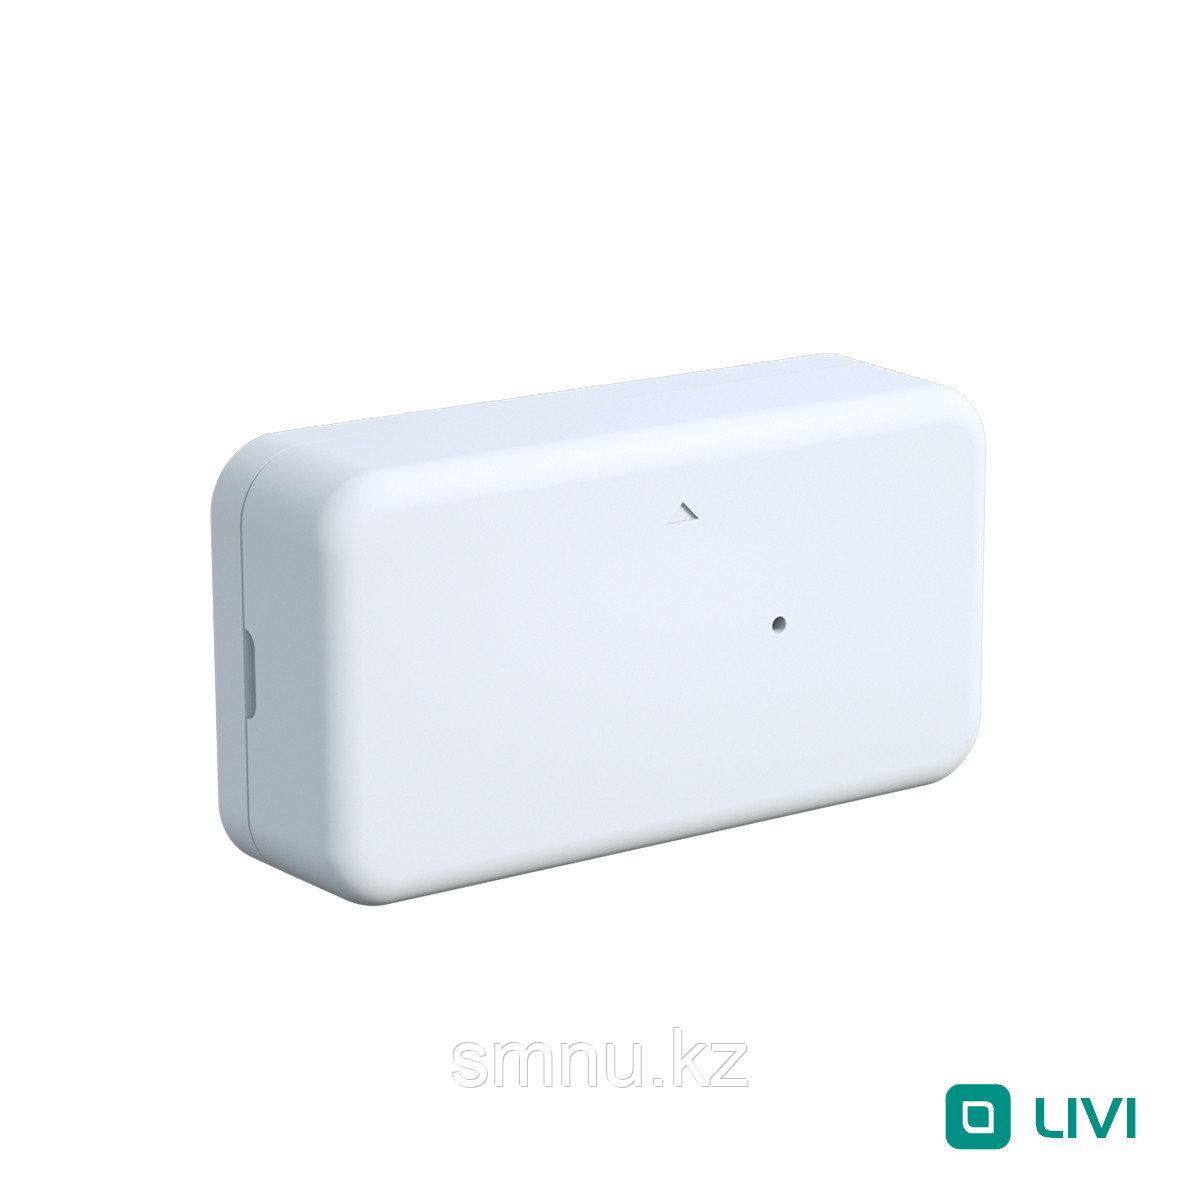 Livi HTS - Датчик температуры и влажности радиоканальный